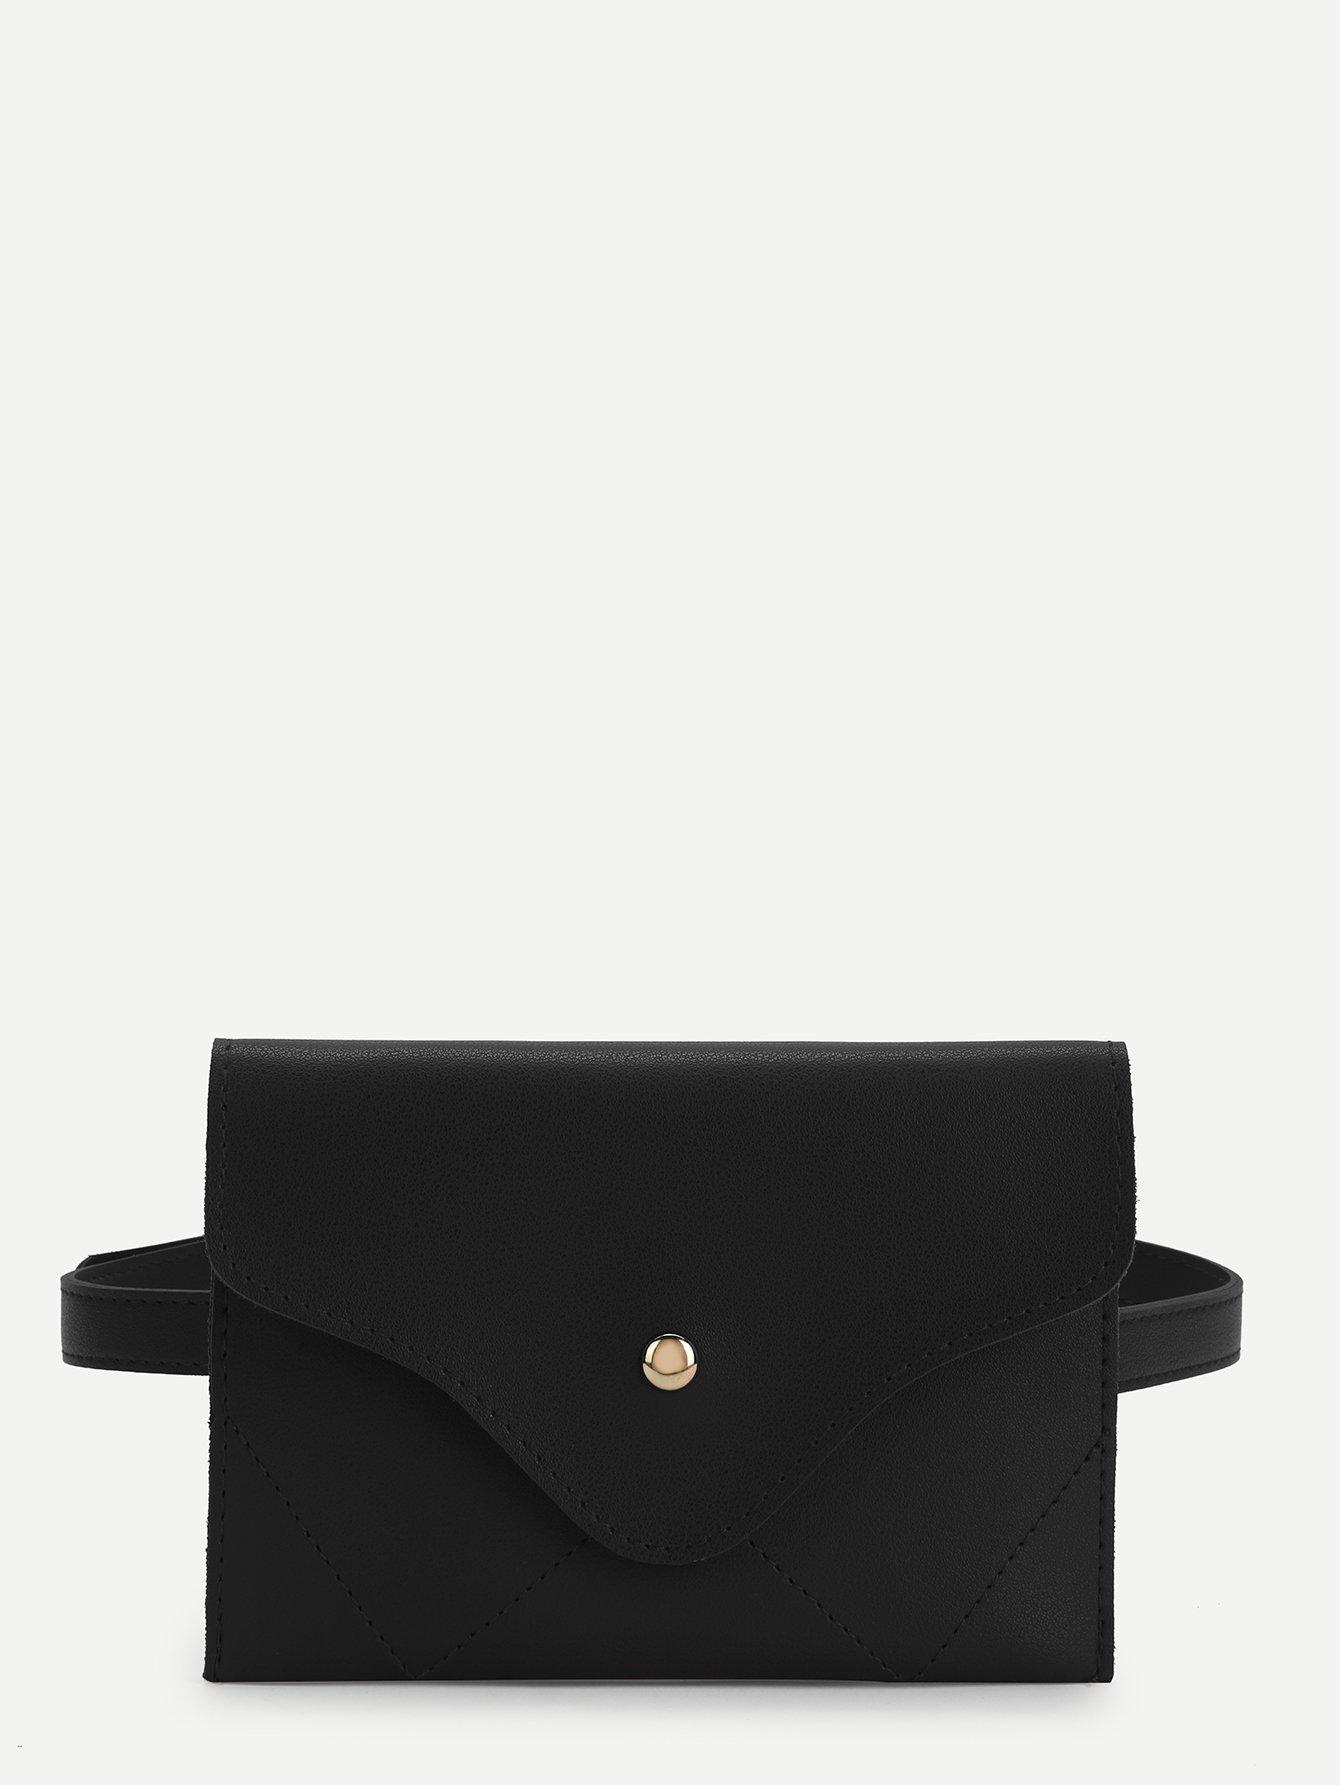 Купить Повседневный Одноцветный чёрный Поясные сумки, null, SheIn